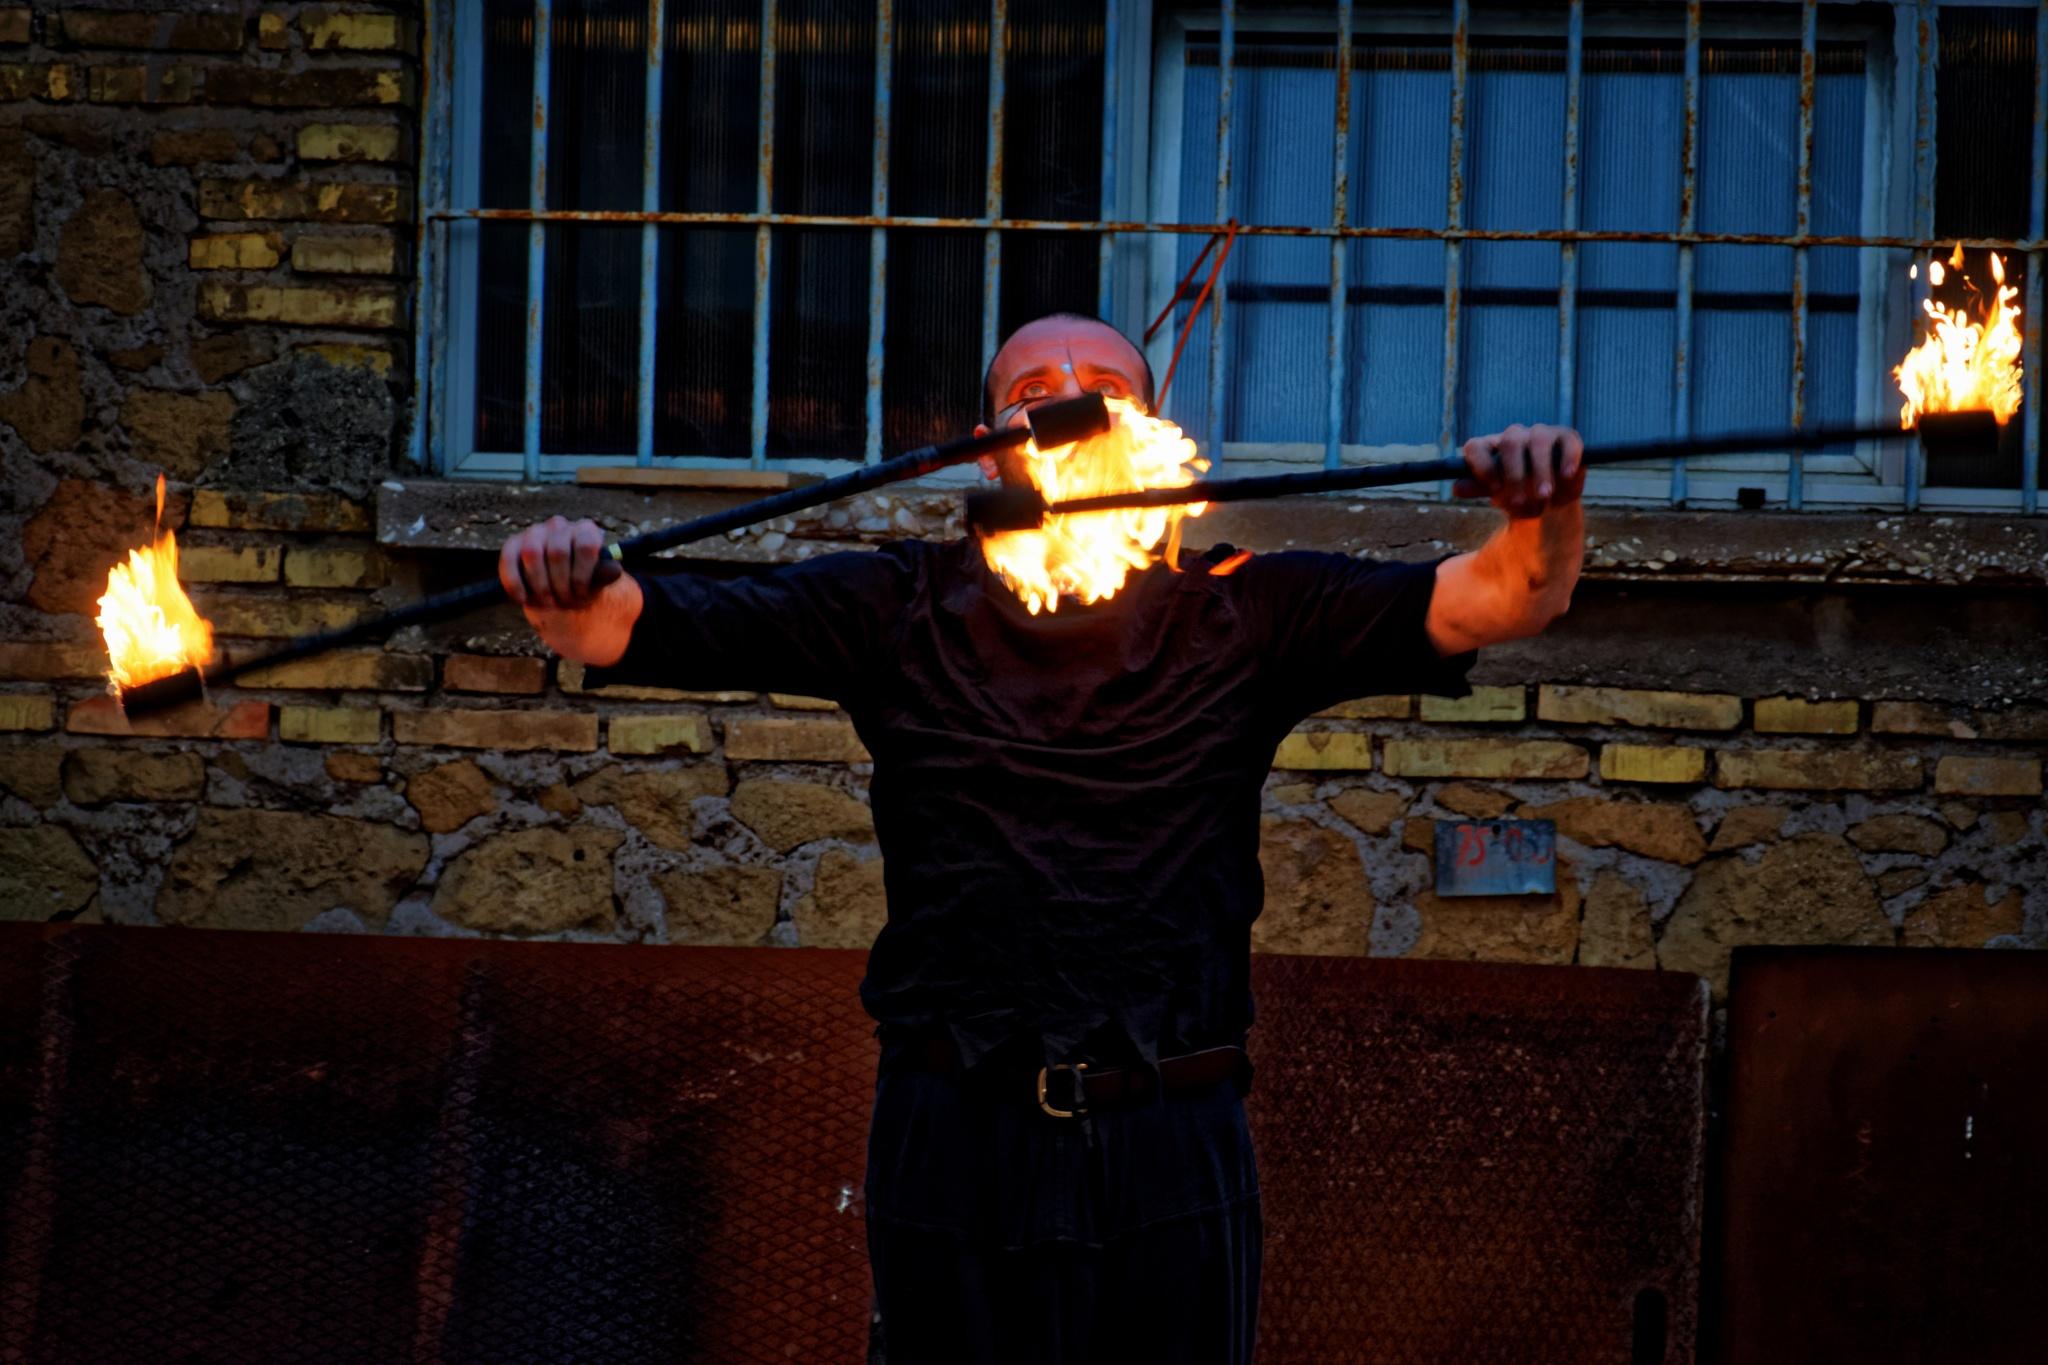 Lucignolo Fire Session 1 by Roberto Scordino